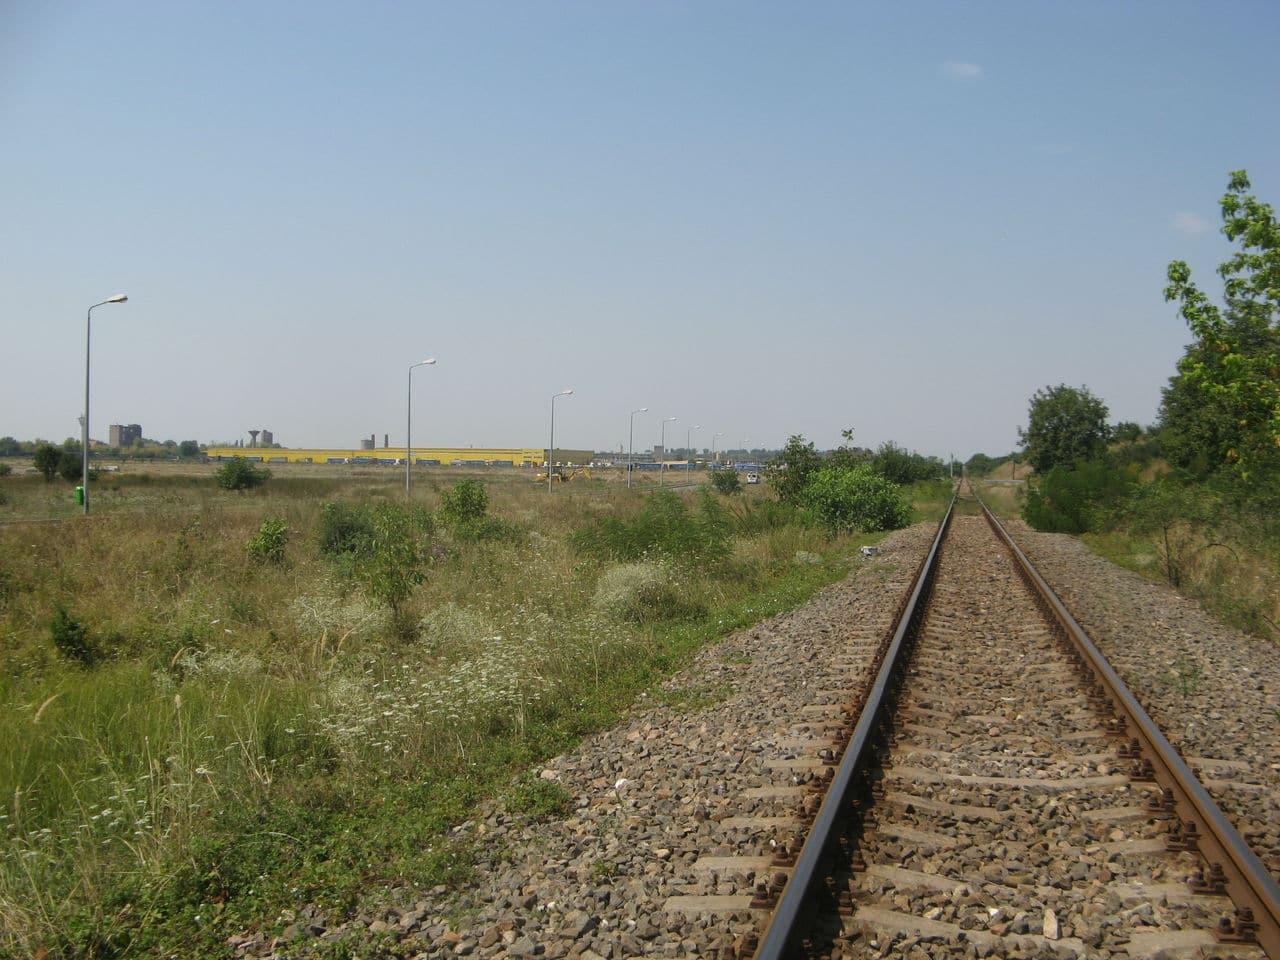 Calea ferată directă Oradea Vest - Episcopia Bihor IMG_0054